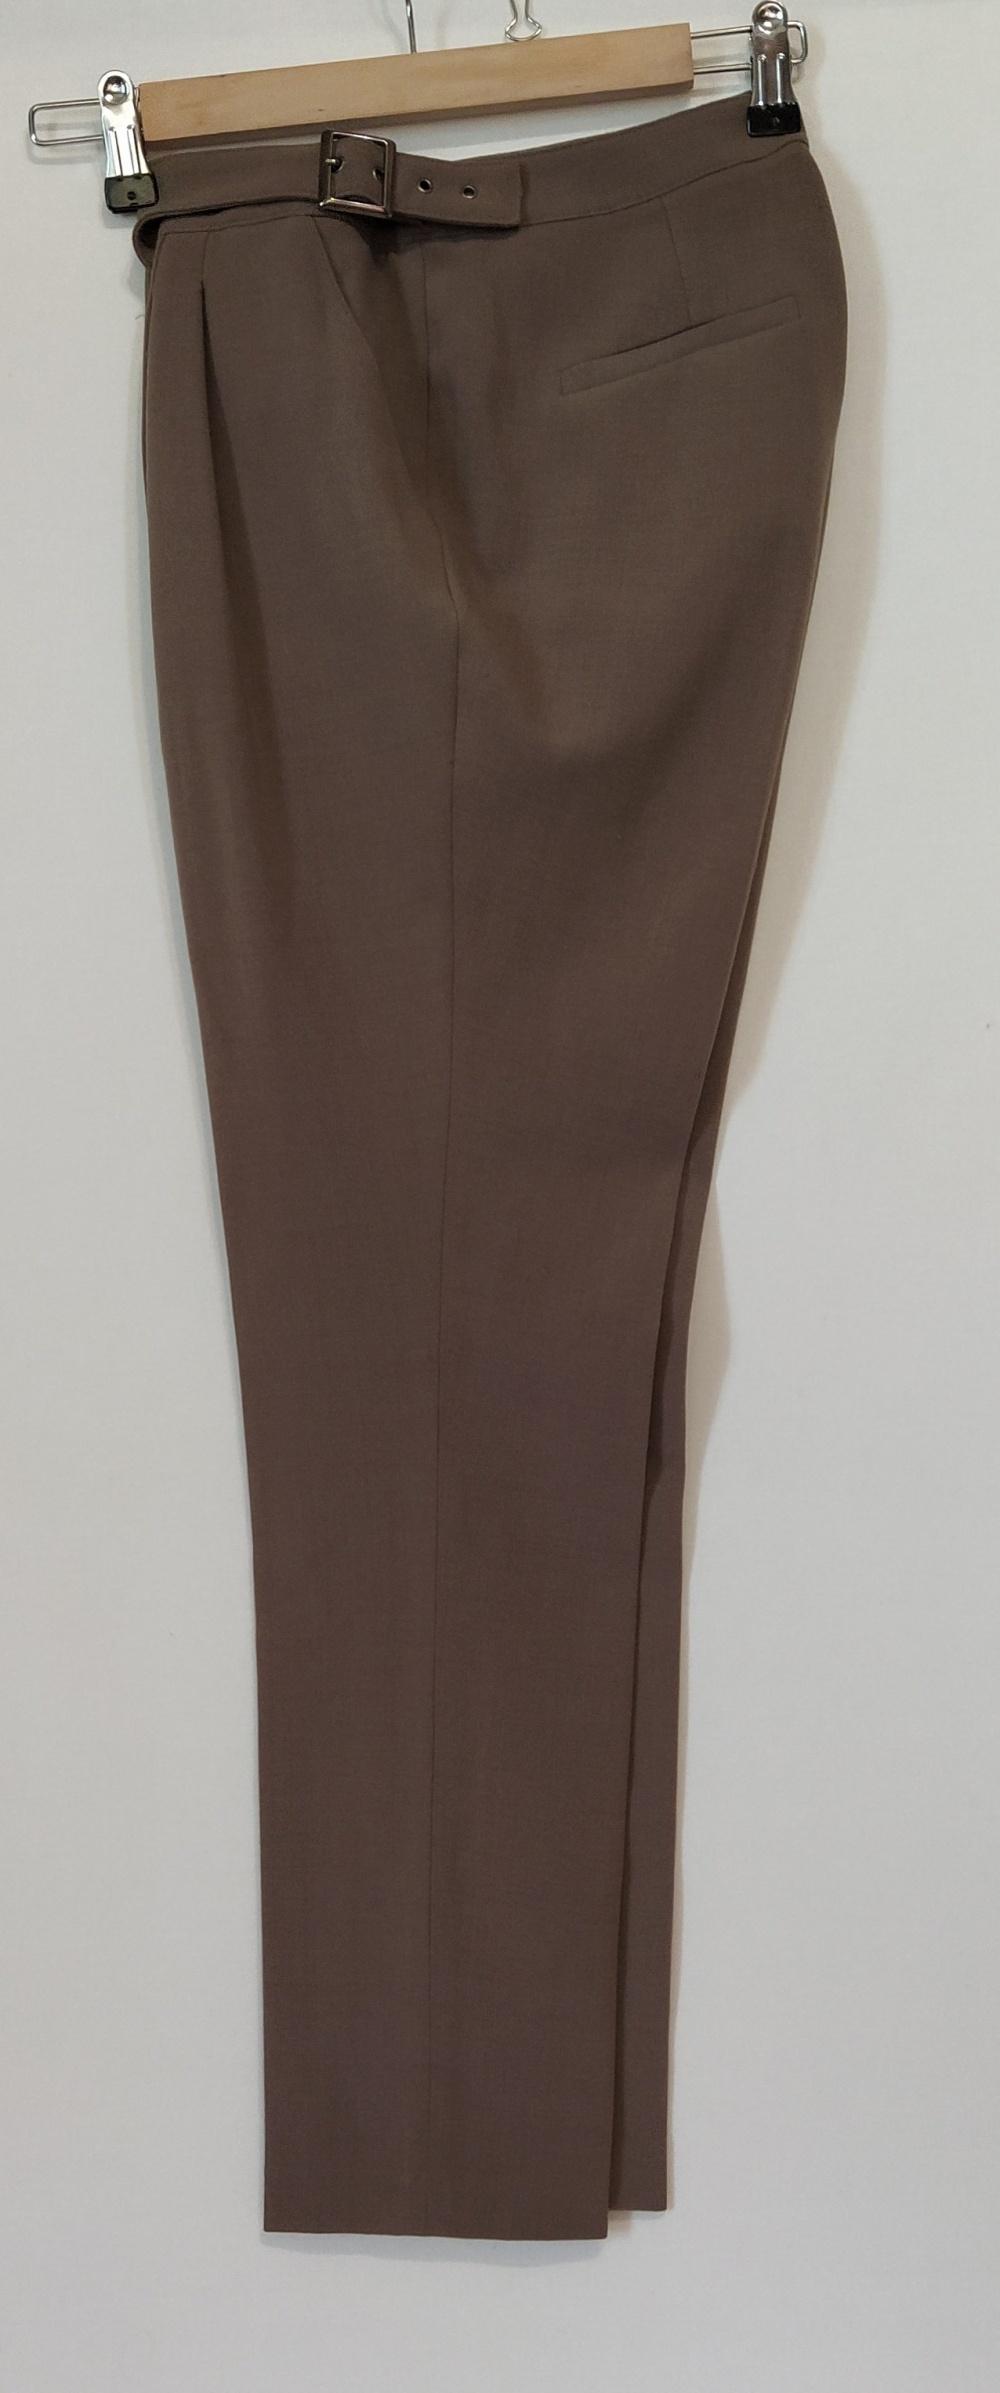 Брюки Daniele Alessandrini, 46-48 размер